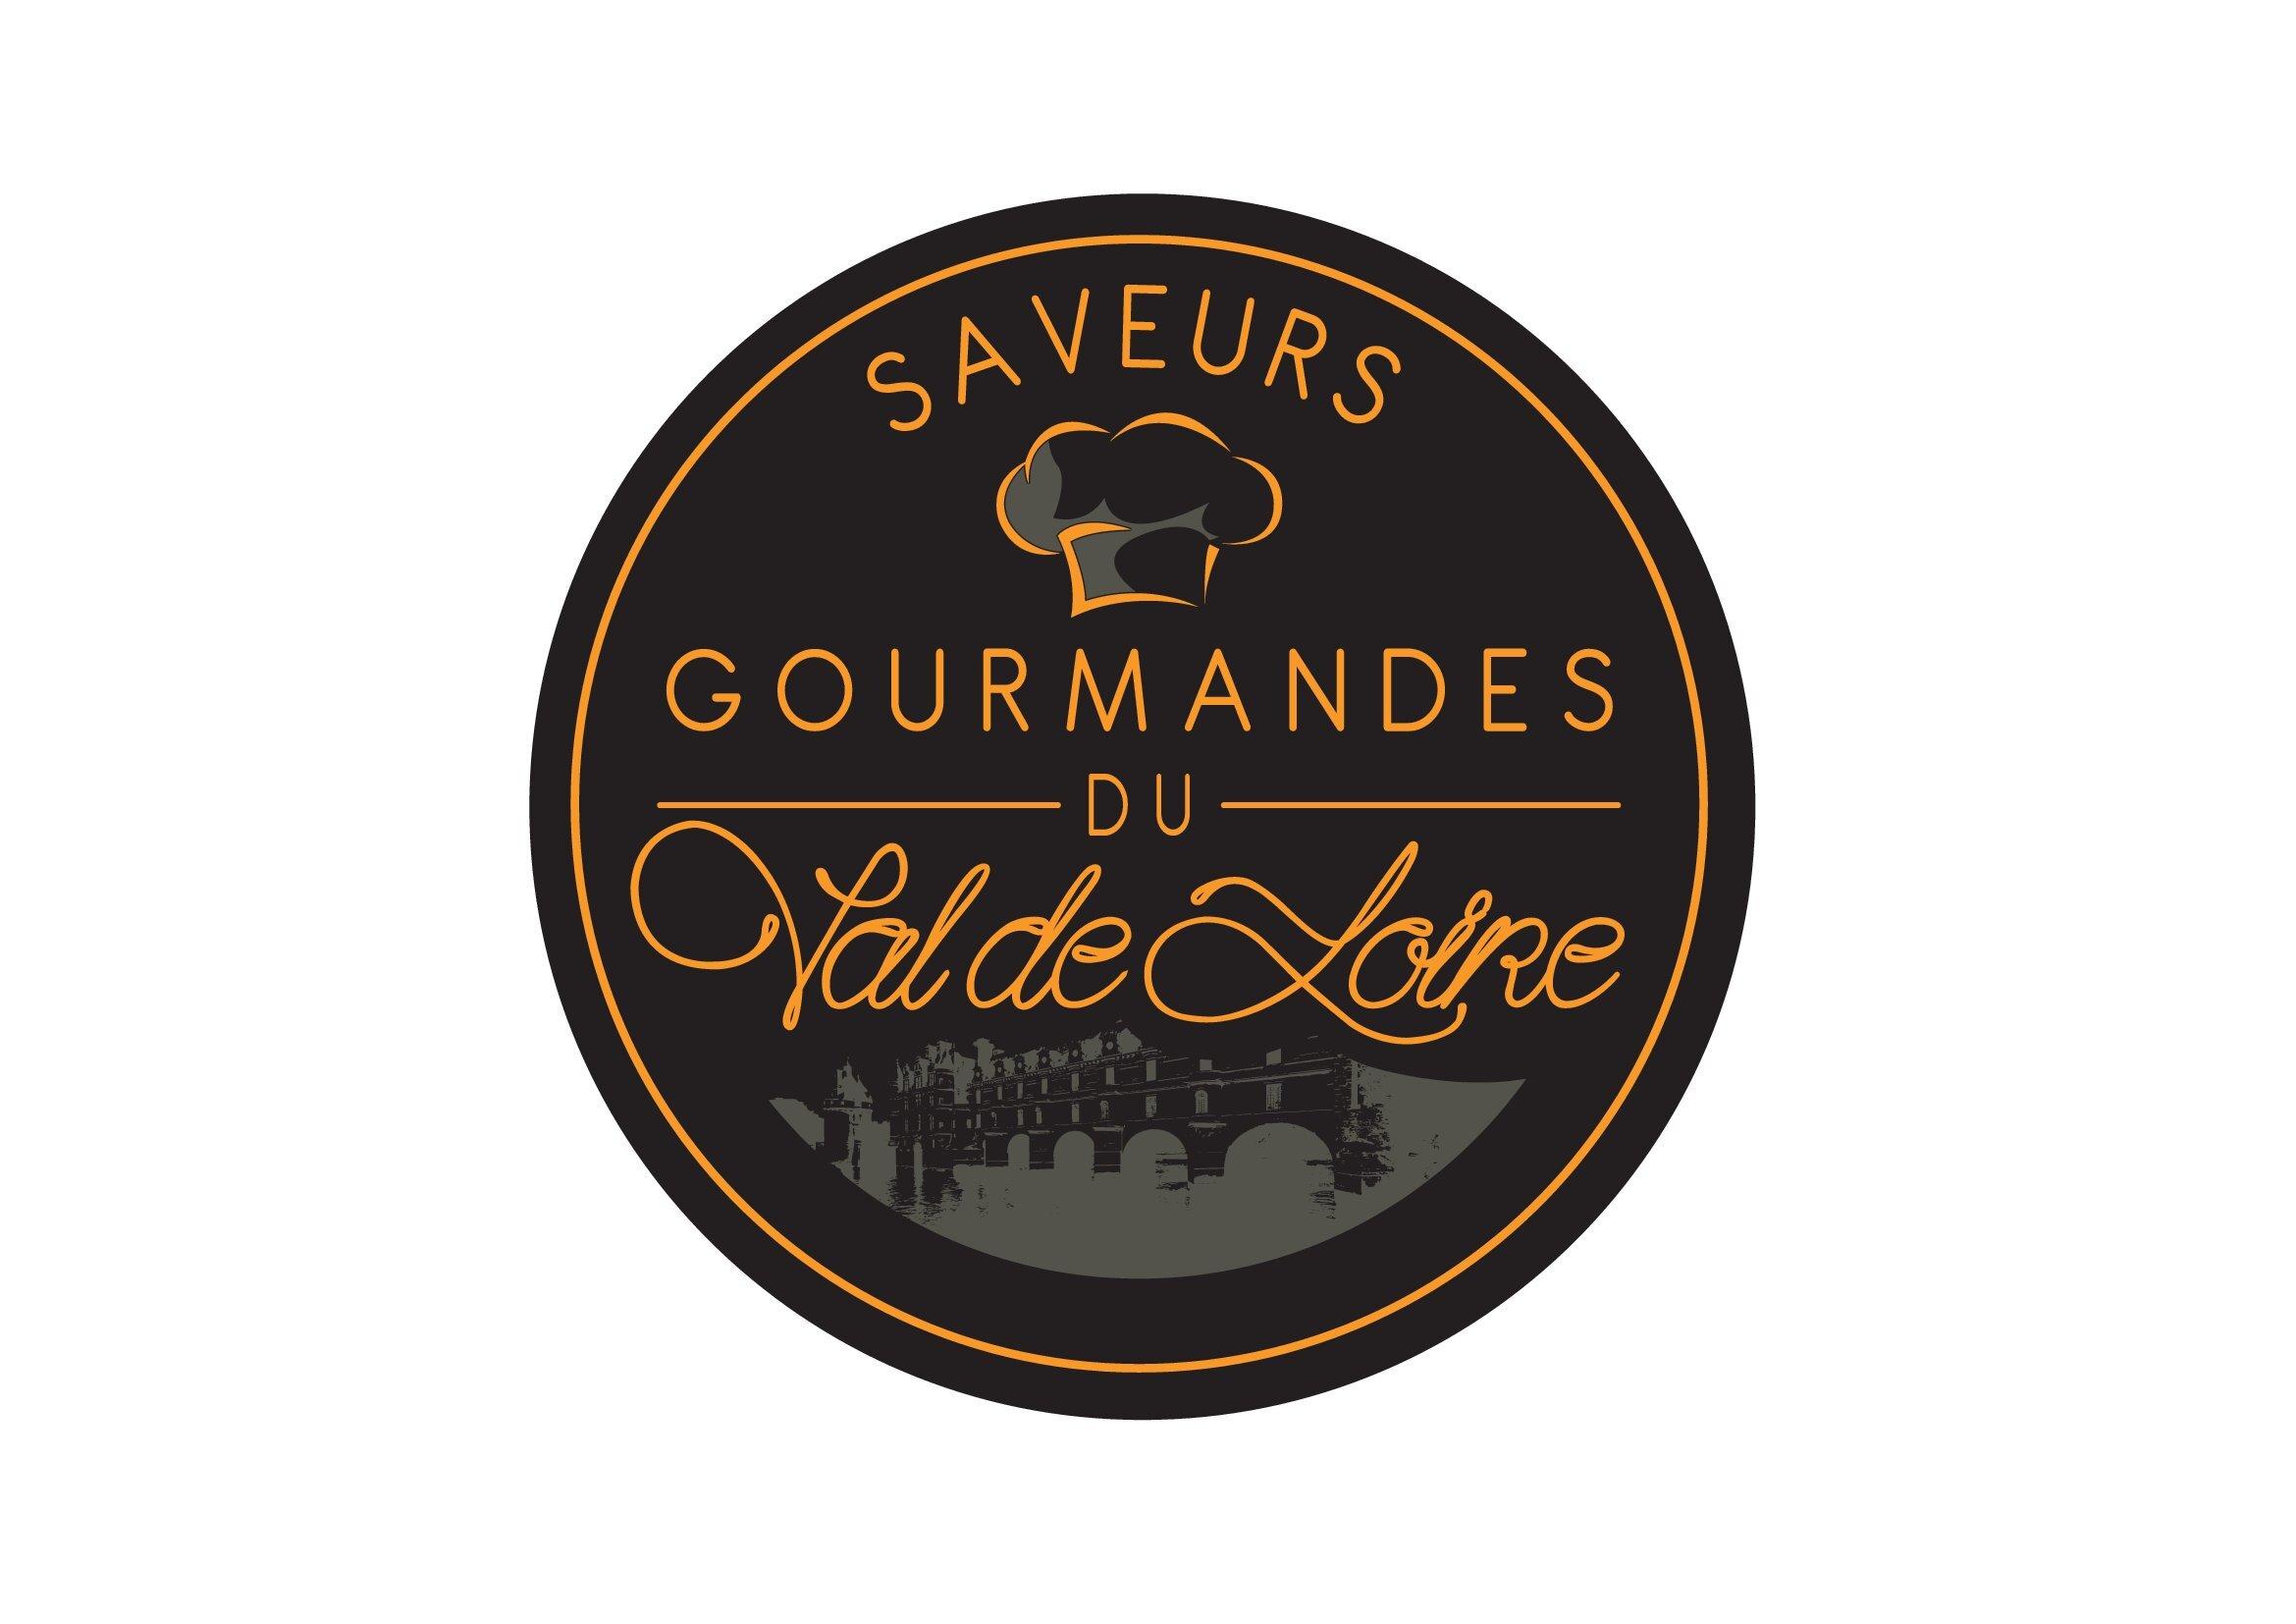 Logo Saveurs gourmandes du Val de Loire